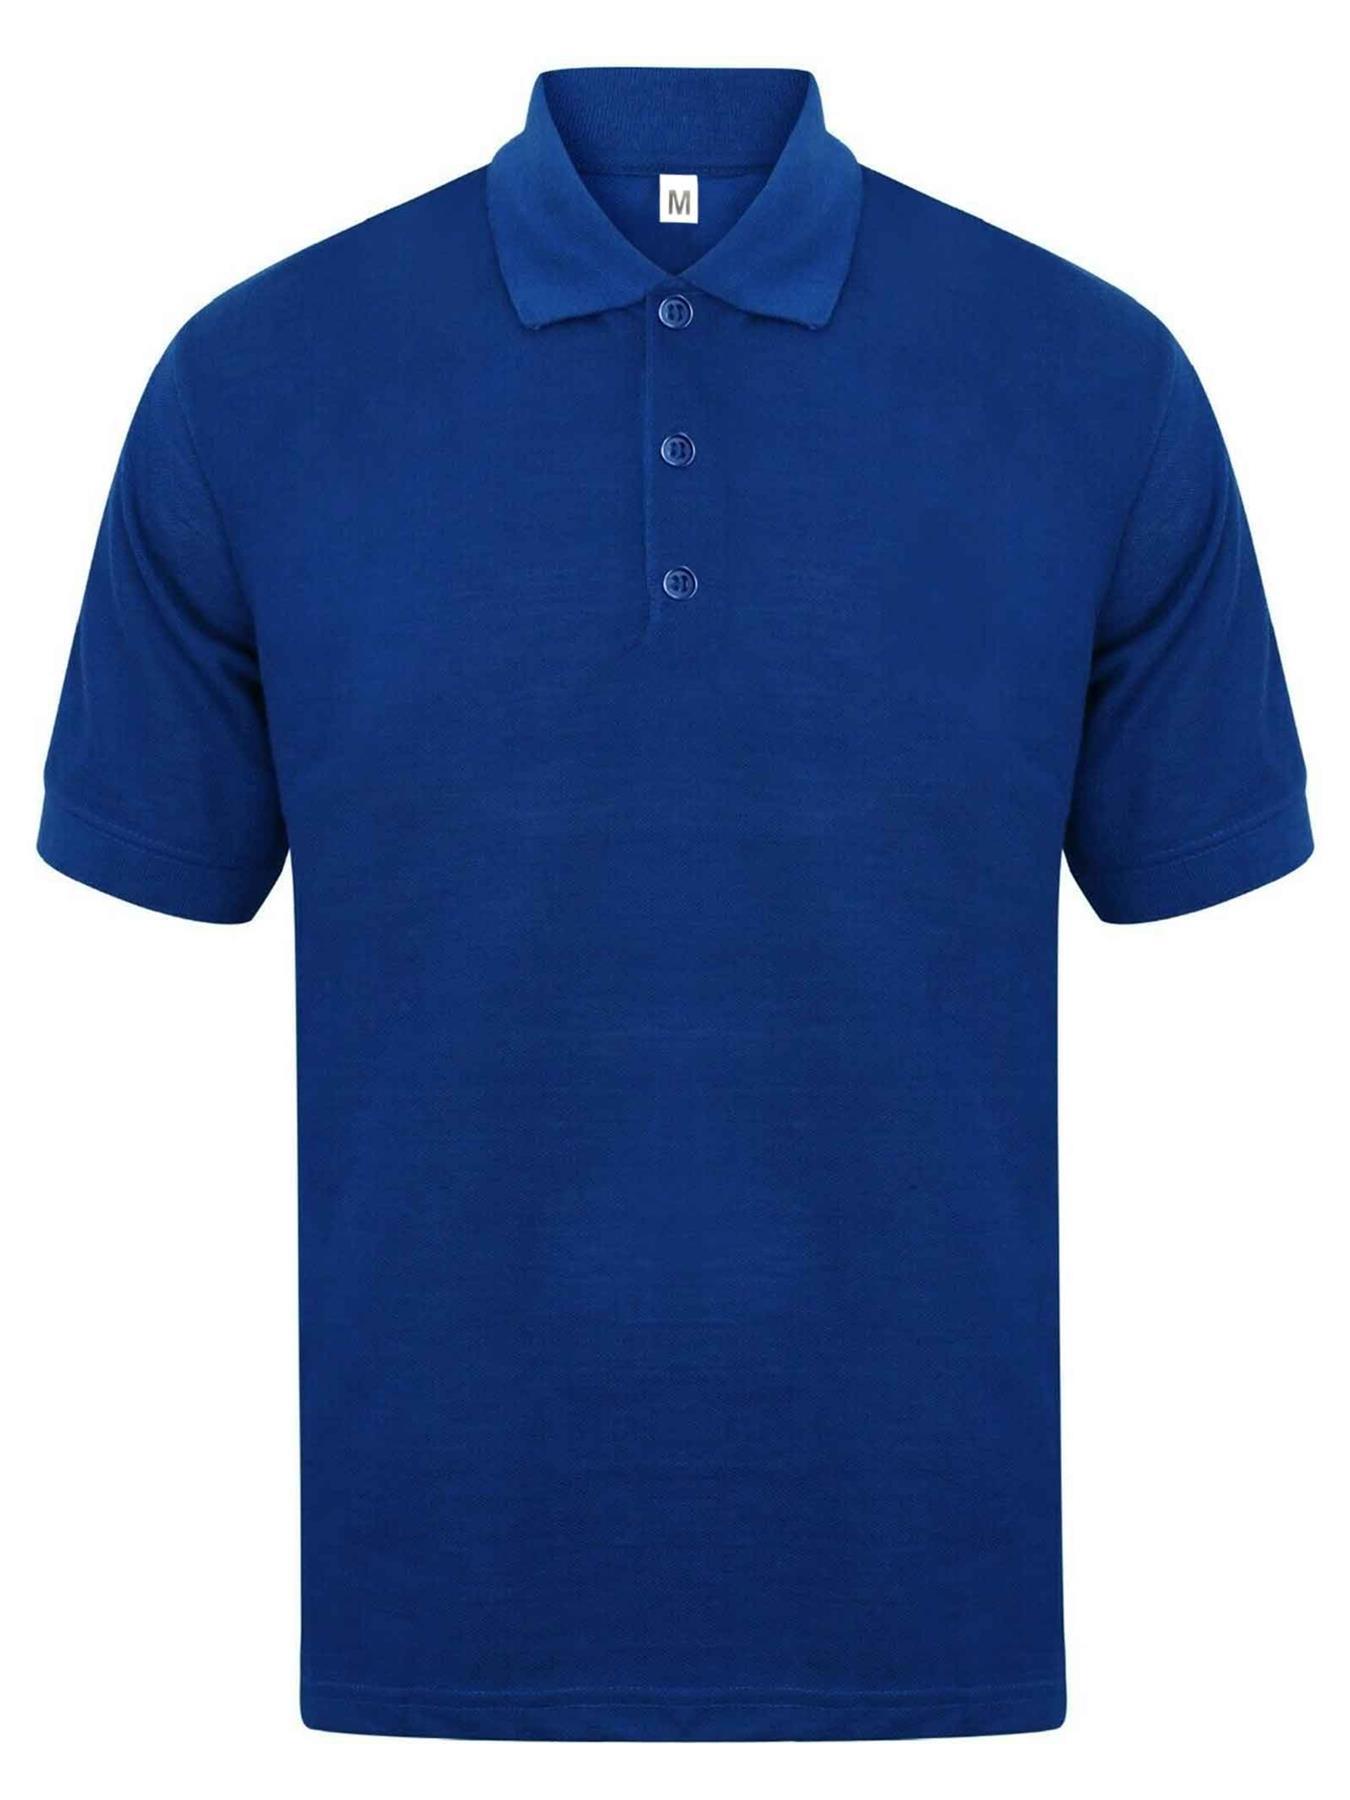 Indexbild 55 - Herren Polohemd Freizeit T-Shirts Neu Schlicht Kurzärmeliges Regular Fit